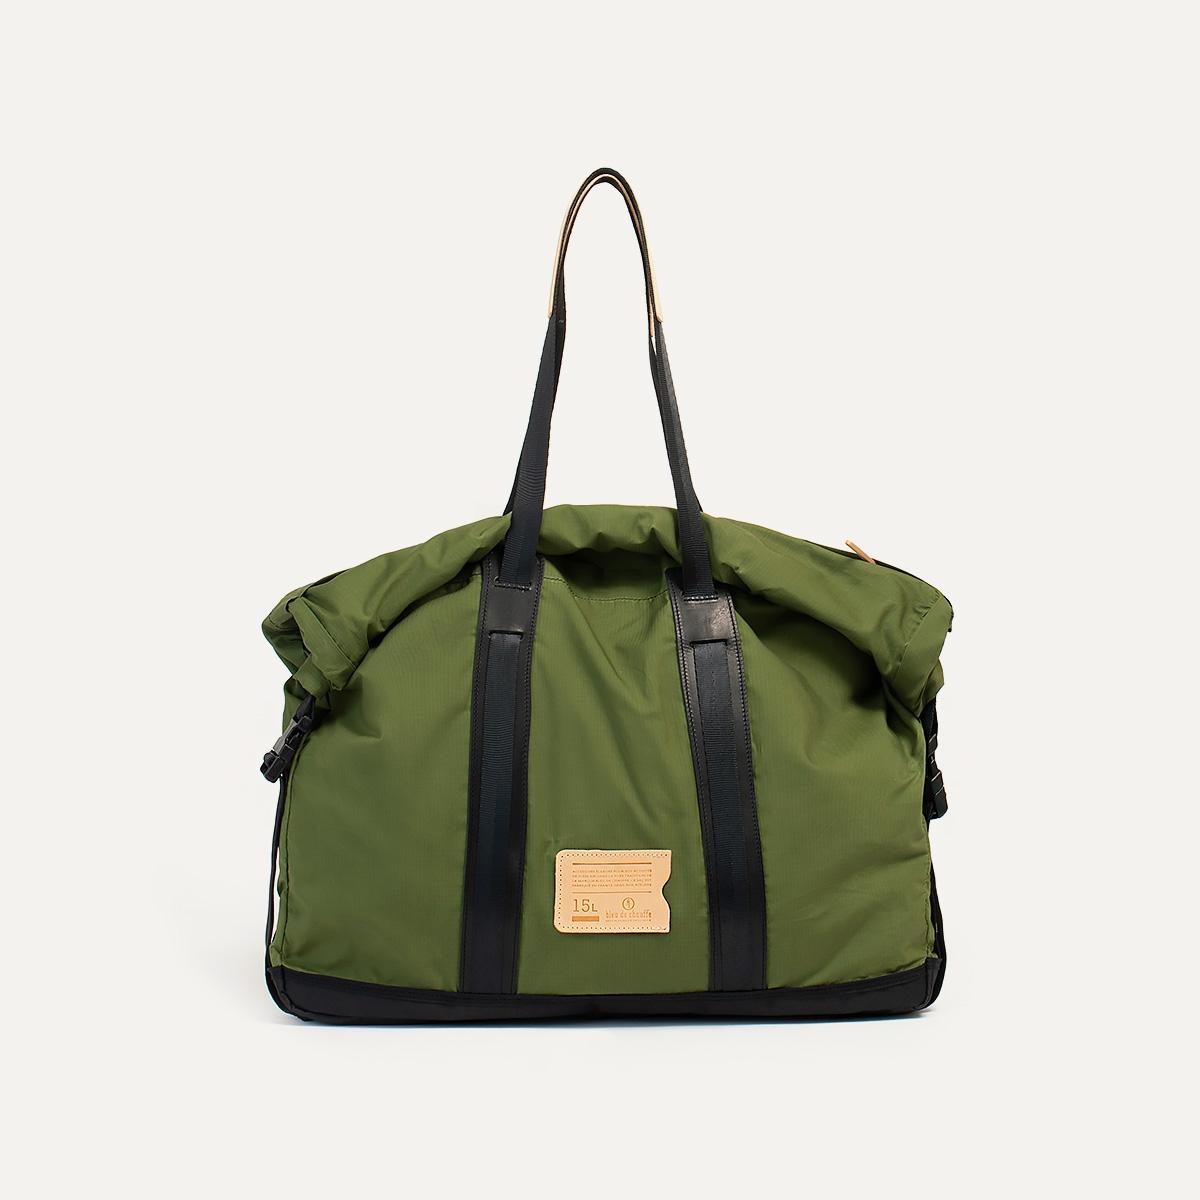 15L Barda Tote bag - Bancha Green (image n°1)